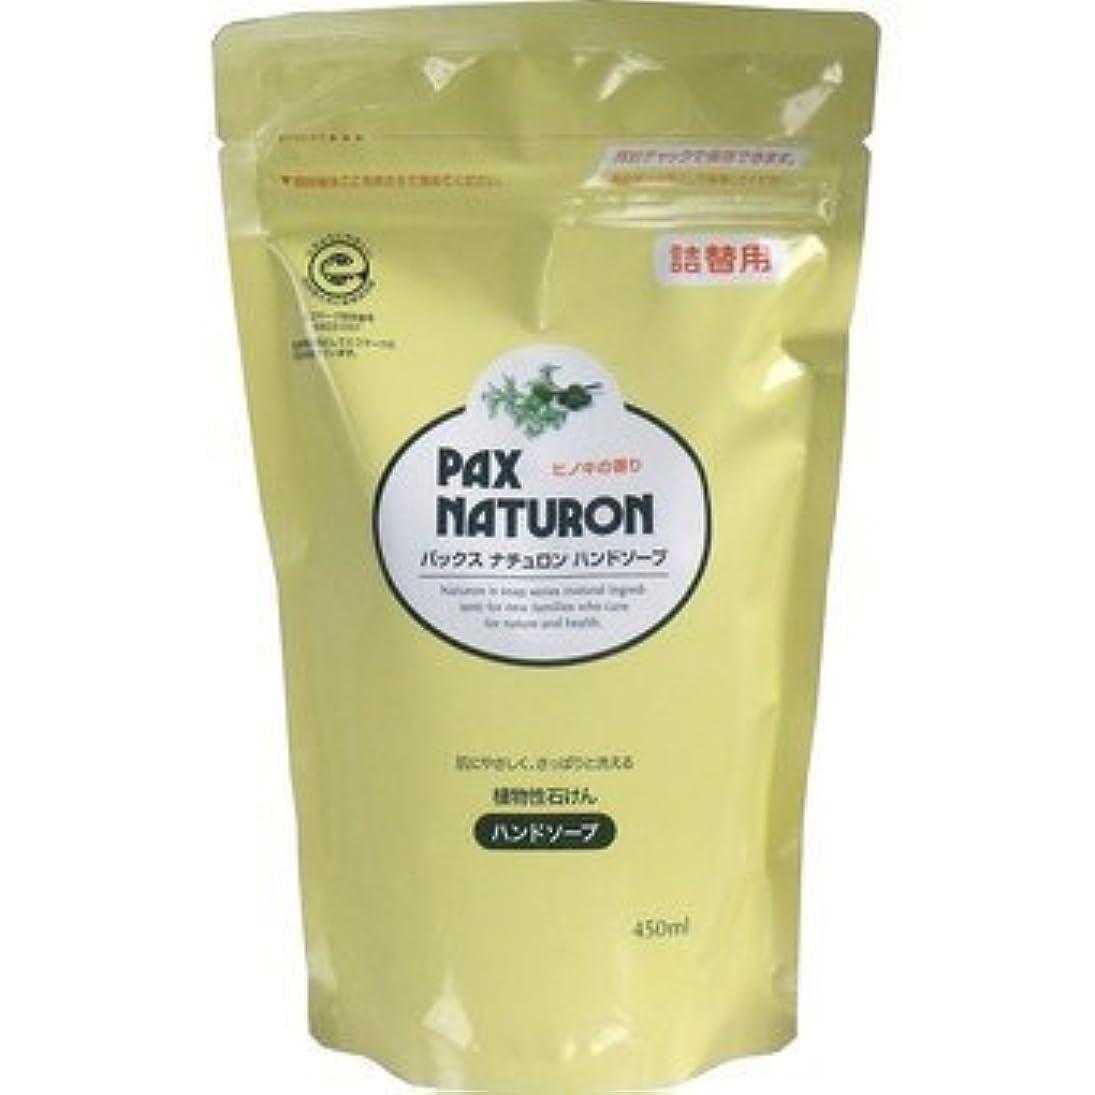 戸棚バスルームロードハウス太陽油脂 パックスナチュロン ハンドソープ 詰替用 450ml×12個セット ヒマワリ油を主原料にした植物性ハンドソープ